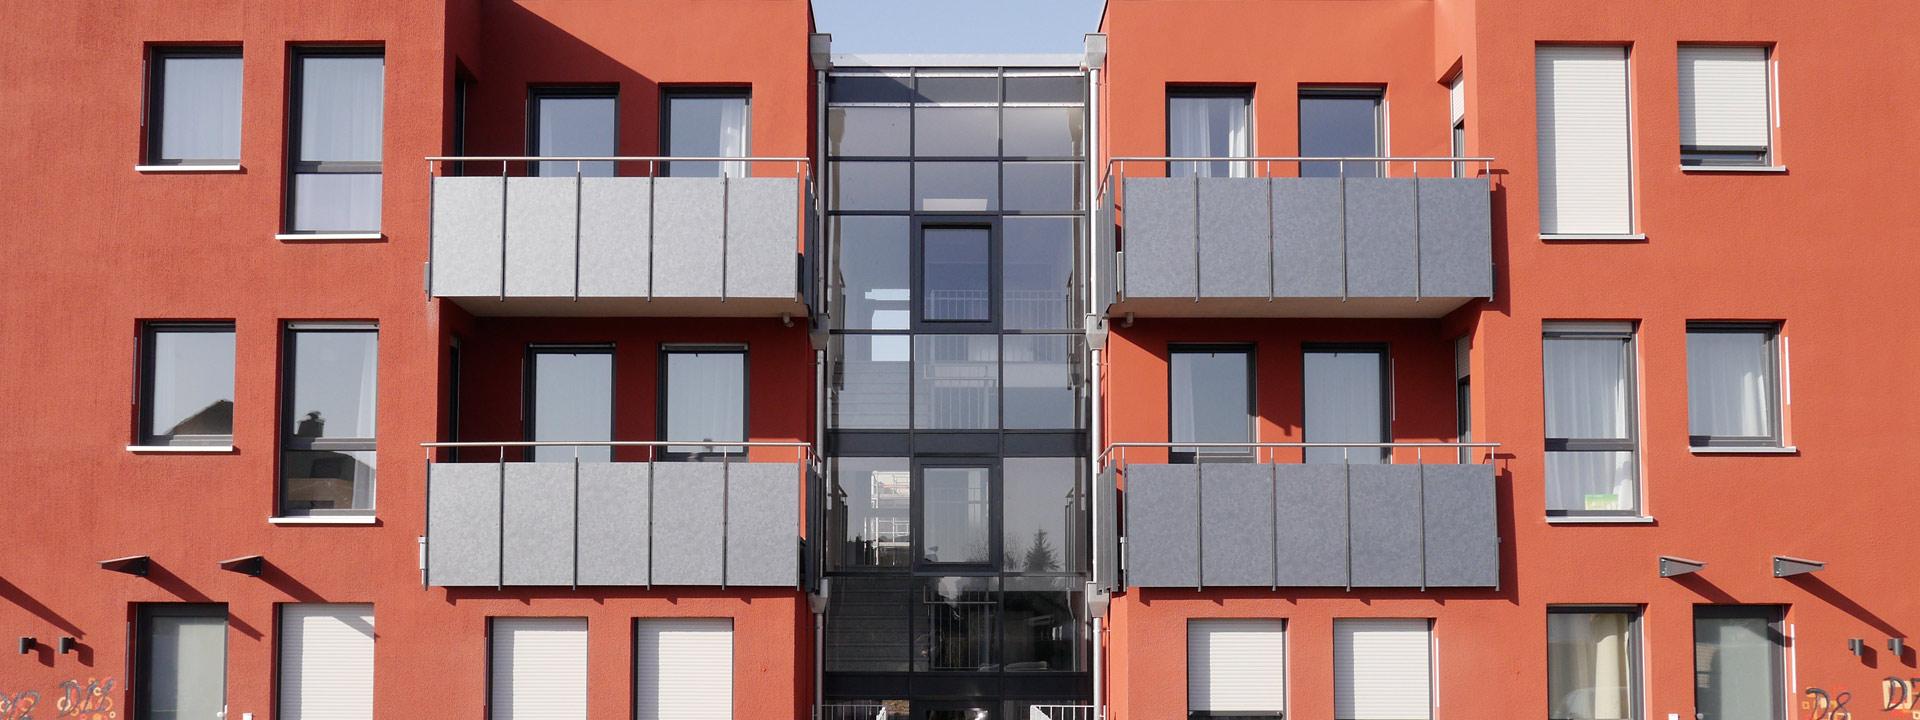 Full Size of Fenster Drutex Aachen Kunststofffenster Holzfenster Velux Kaufen Sichtschutz Trier Gardinen Bodentief Folie Für Sichern Gegen Einbruch Jalousien Jalousie Test Fenster Fenster Drutex